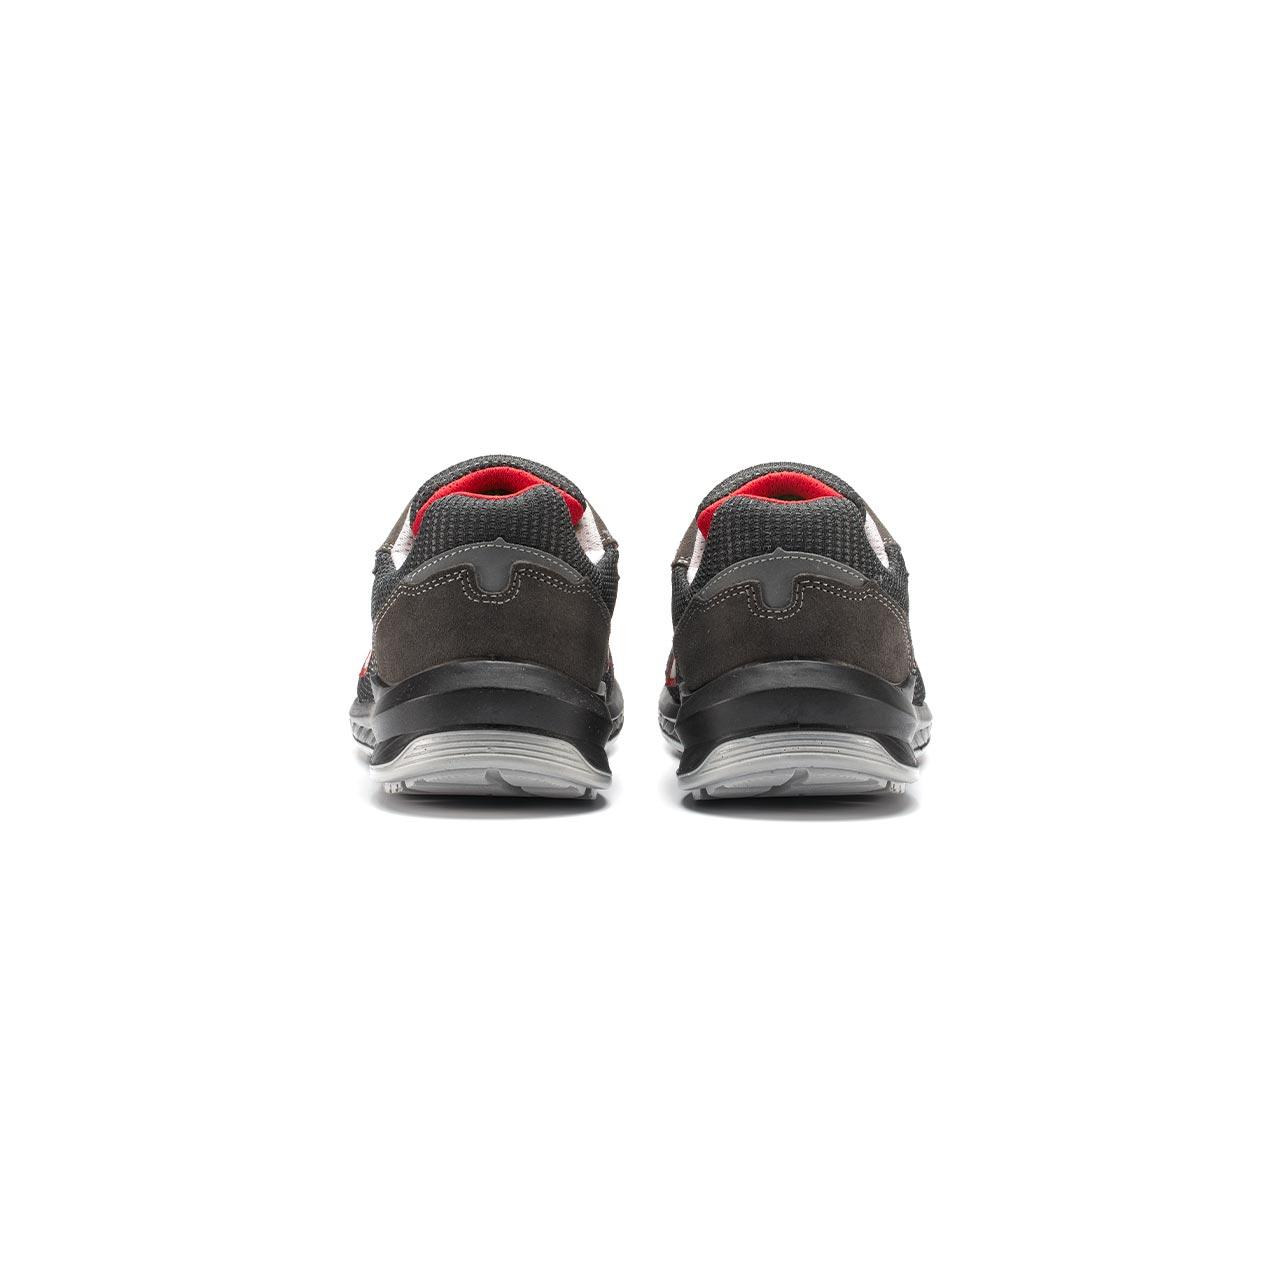 paio di scarpe antinfortunistiche upower modello demon linea redindustry vista retro